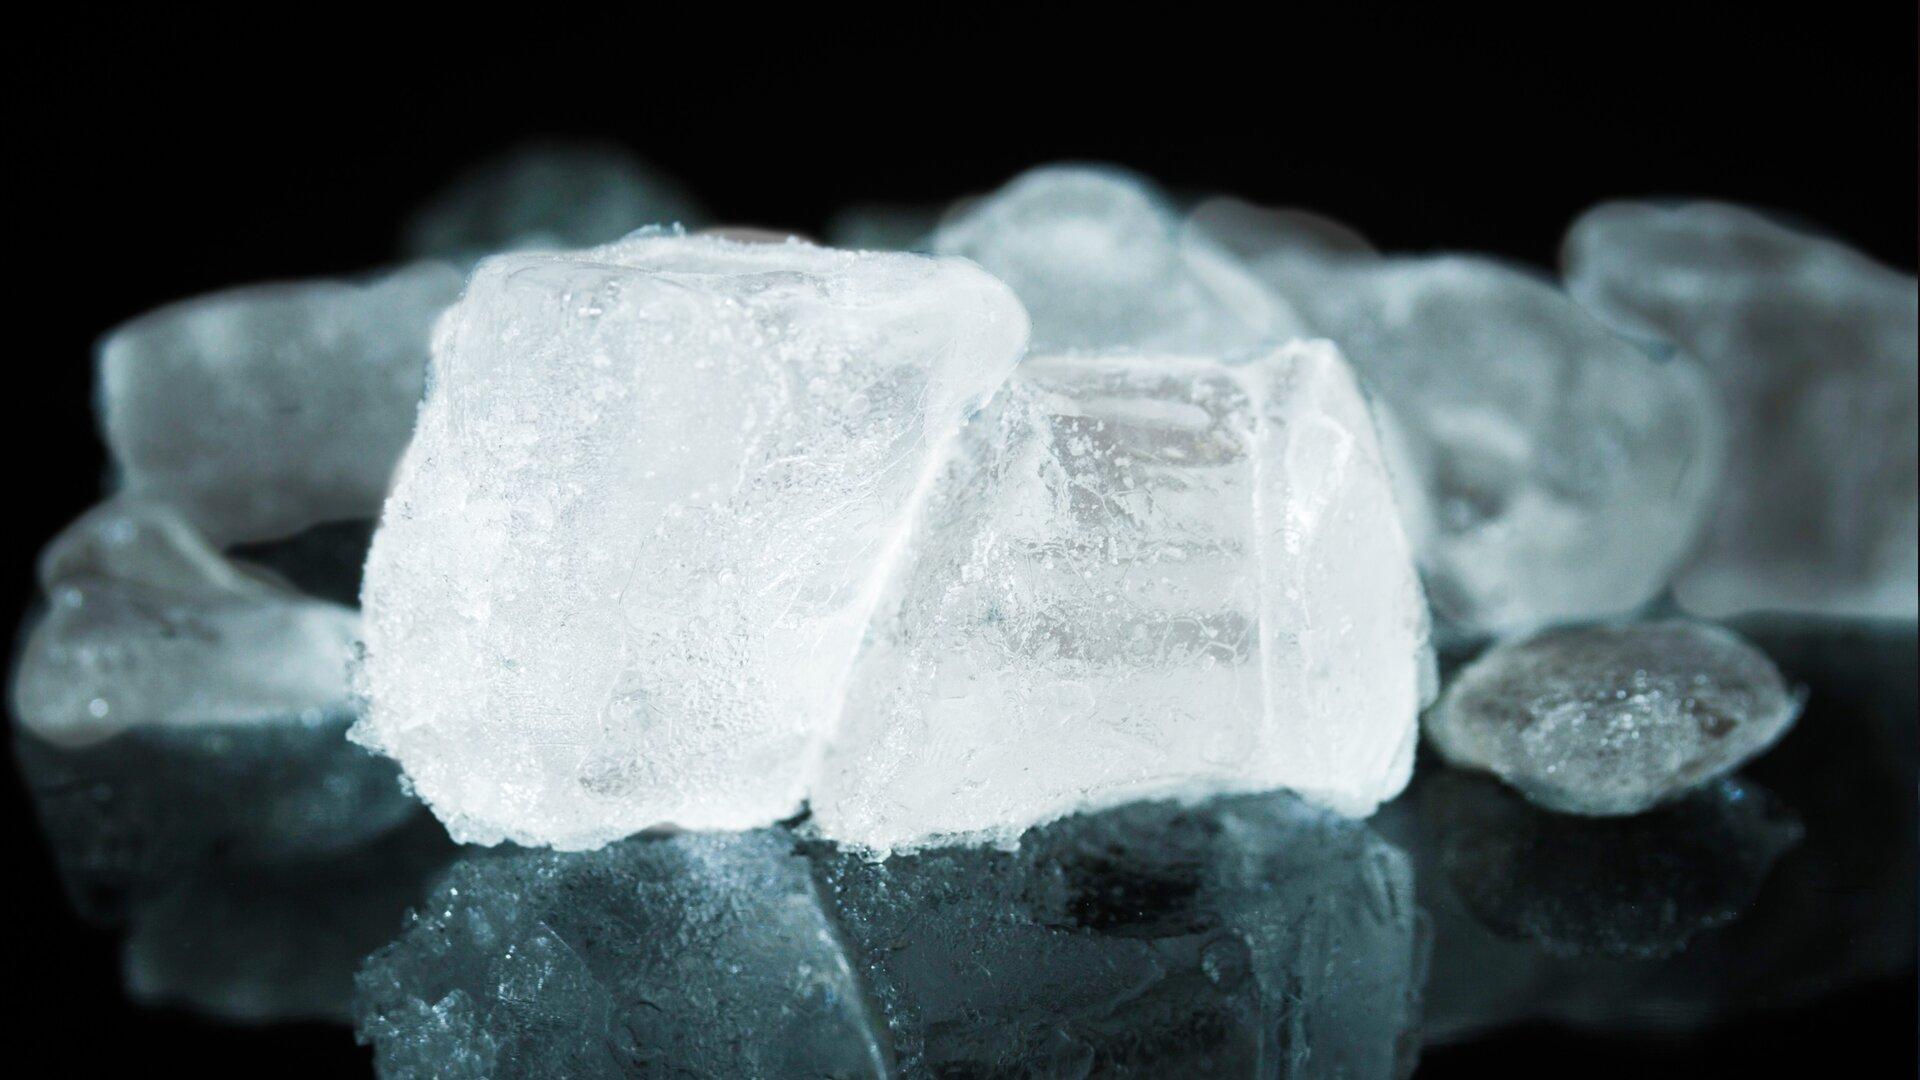 Ilustracja przedstawia diament, który jest odmianą alotropową węgla.